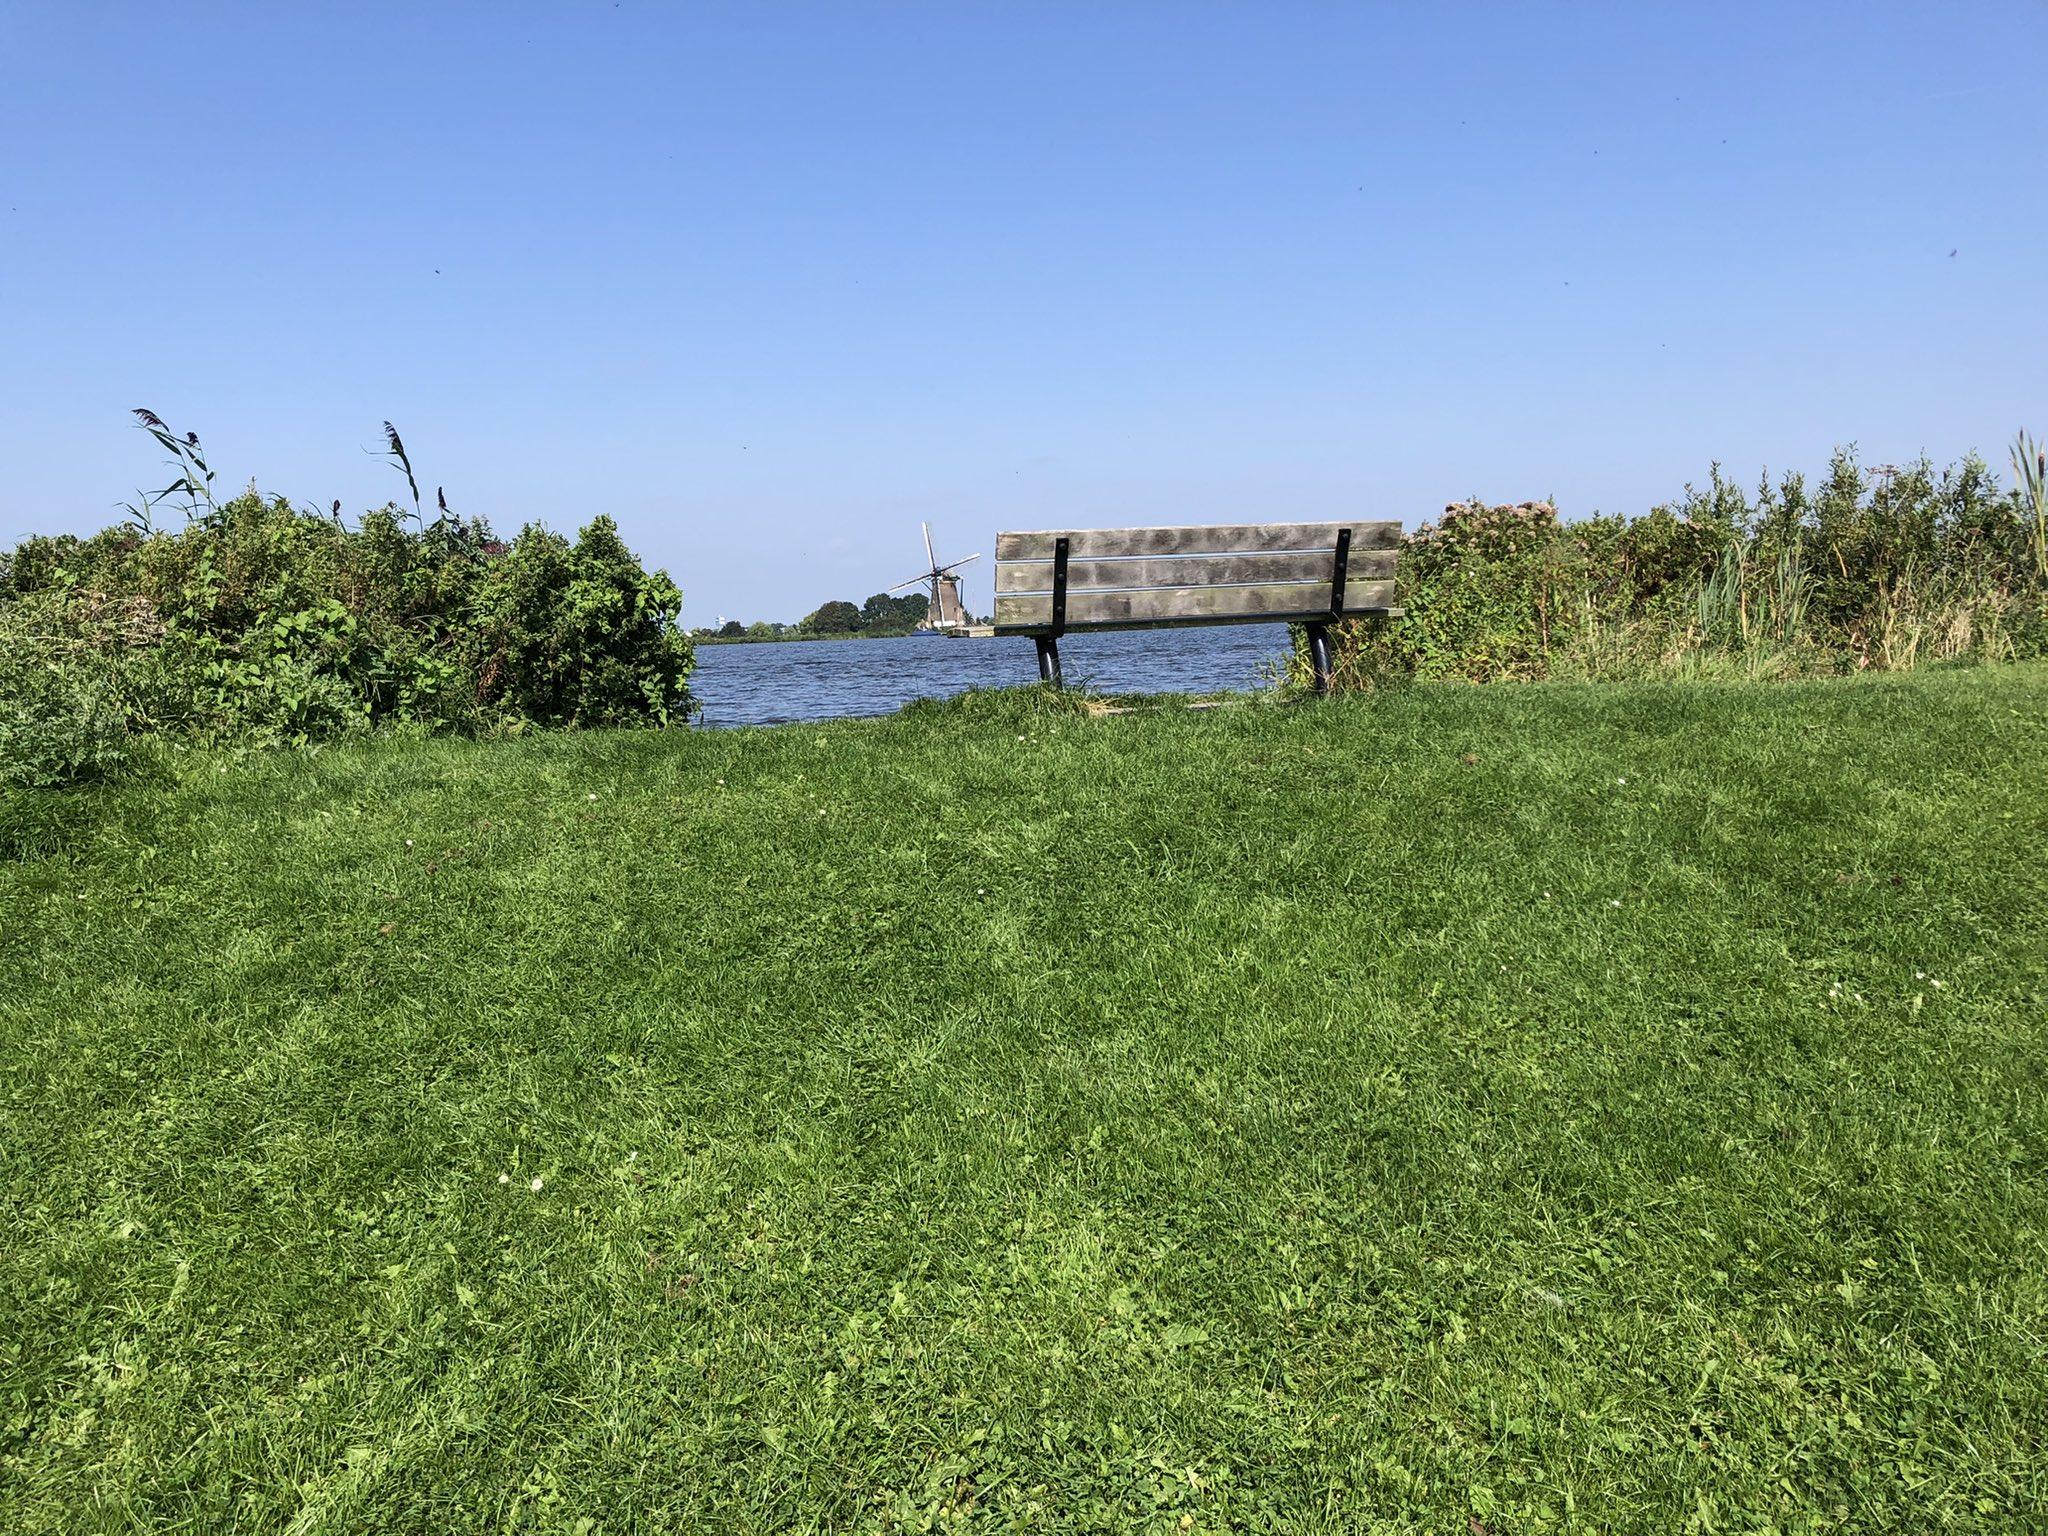 rt-groenehartstoc1-wandelbankjes-met-uitzicht-op-de-veendermolen-langs-de-wijdeaa-roelofarendsveen-groenehart-https-t-co-grx4yv1dgl